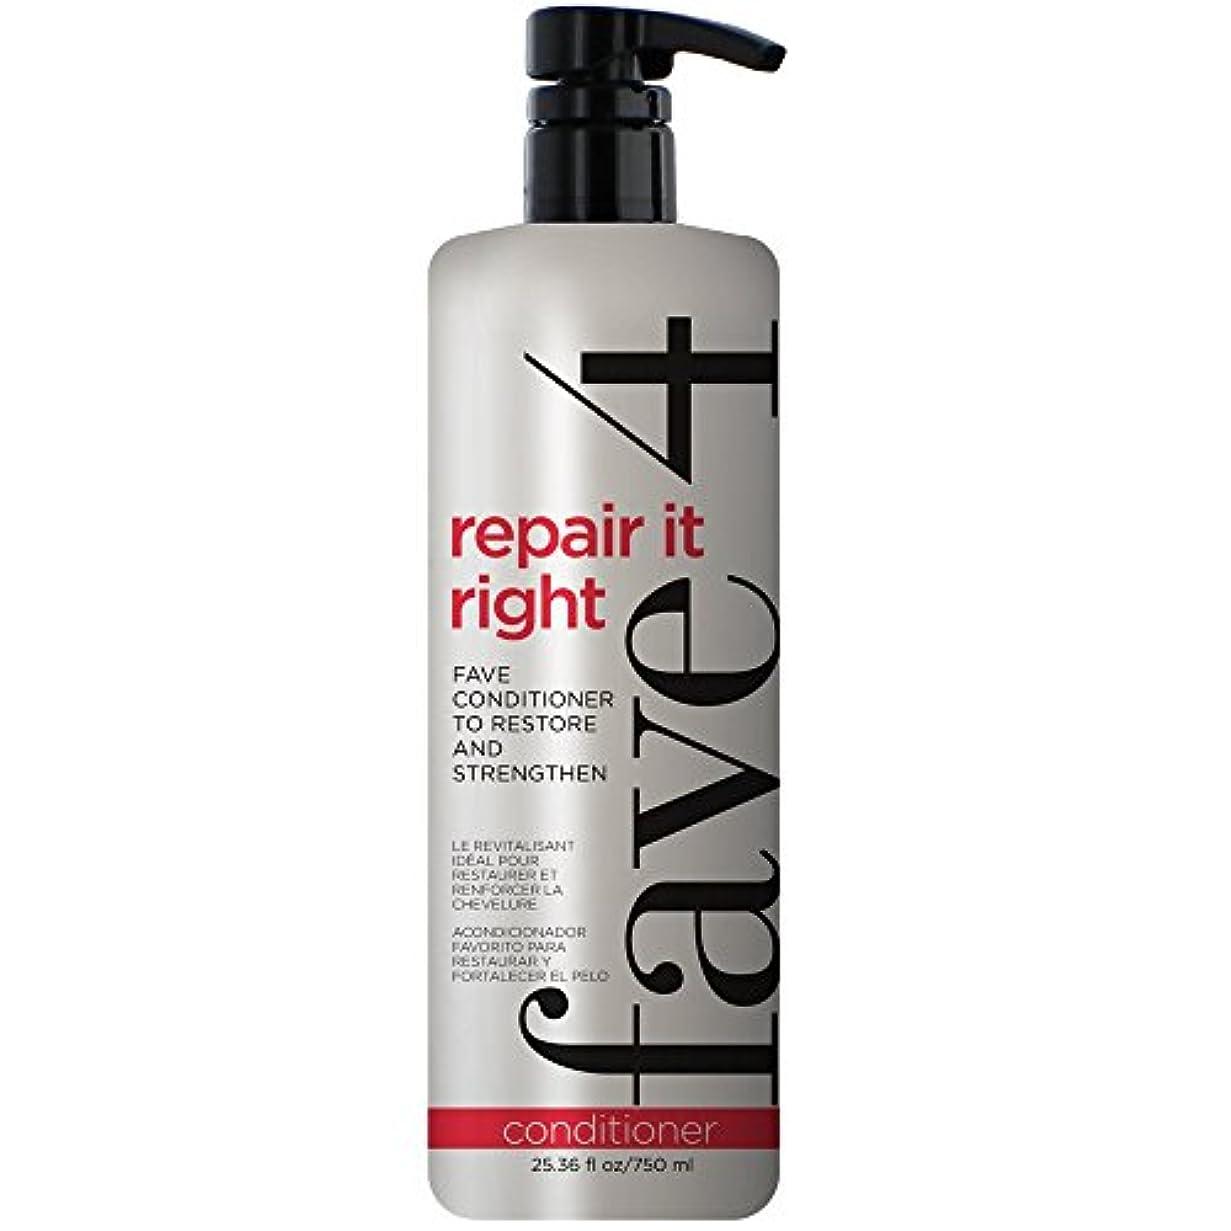 fave4 パラベンフリー   グルテンフリー 無添加塩化ナトリウム 虐待無料 髪の処理された色のために安全、25.36オンスの復元とStrengthen-硫酸フリーには、右フェイブConditonerファナティックサイズ...